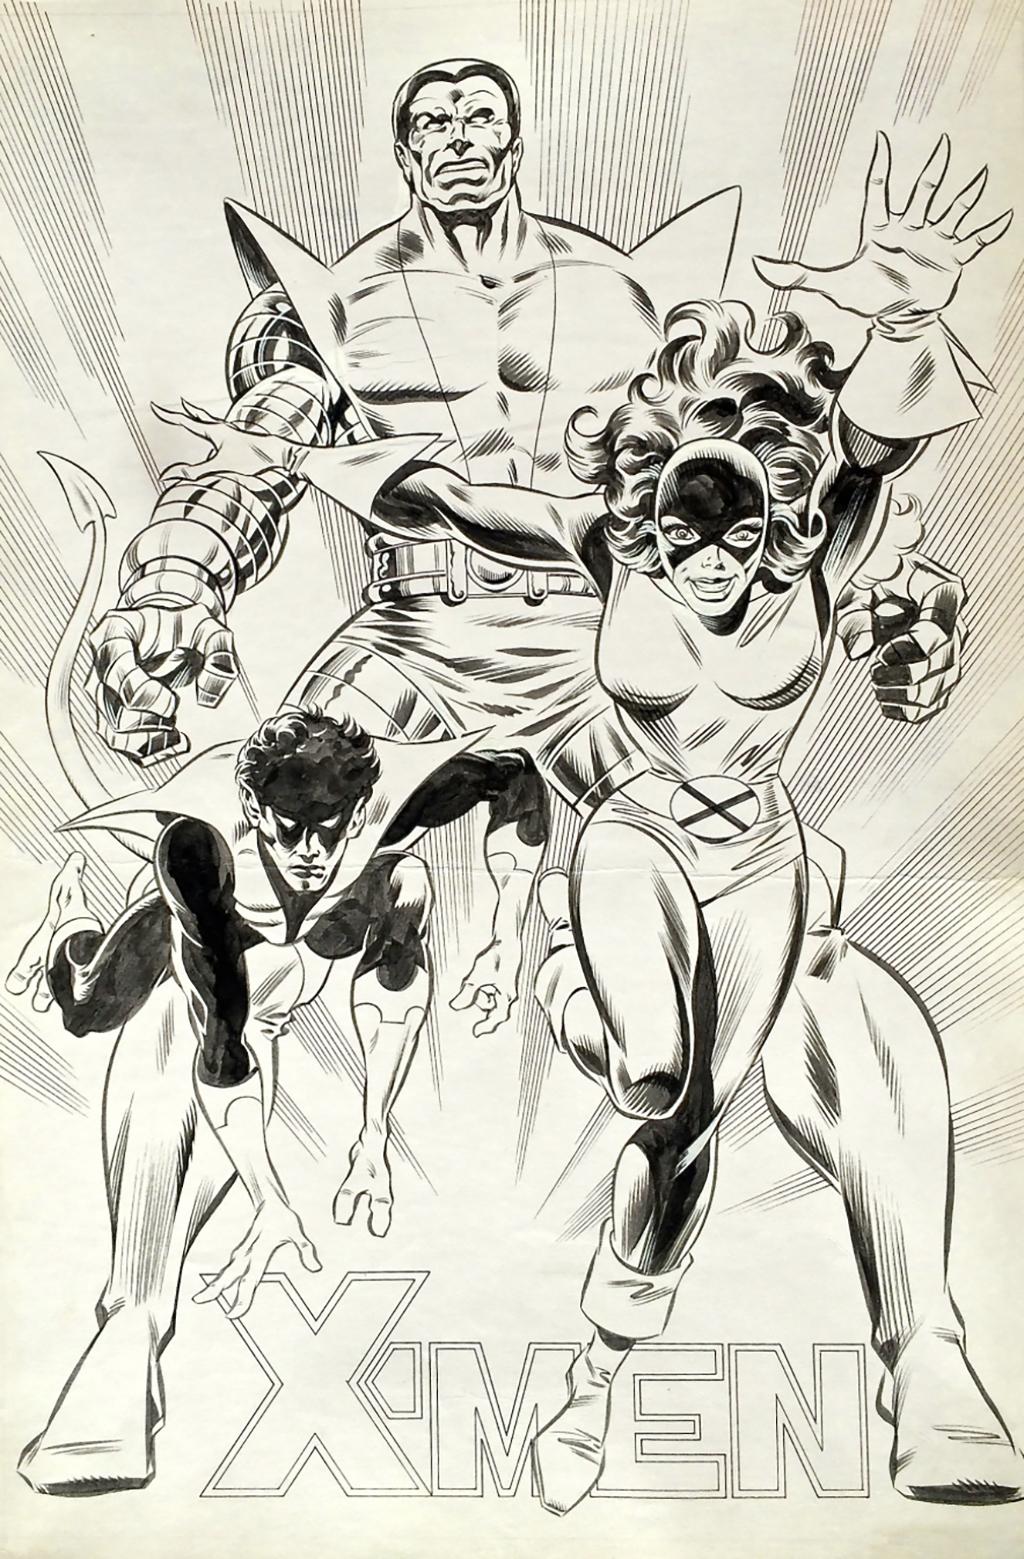 -Men – Poster de Strange # 182 – Planche originale 50 x 32.5 cm – Techniques mixtes – © Éditions Lug, 1985 – © Jean-Yves Mitton, 1985